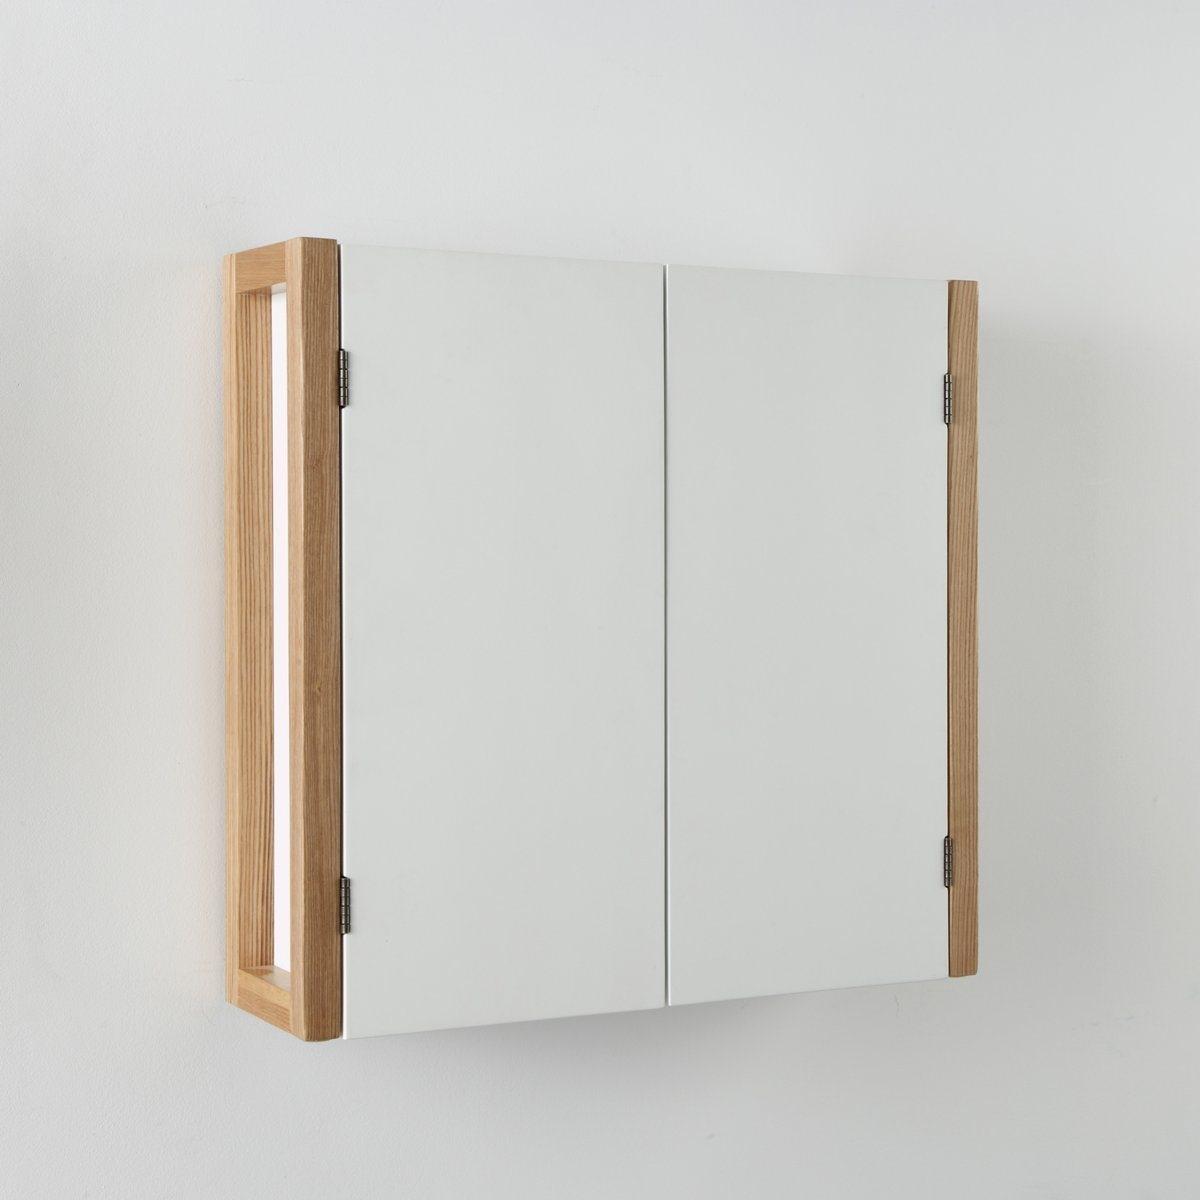 Высокий шкаф для ванной комнаты CompoВысокий шкаф Compo с 2 дверцами. Скандинавский стиль: сочетание лака и светлого дерева. Благодаря размерам подойдет для любого интерьера!Описание шкафа Compo:2 дверцы с магнитными замками.1 полка.Для шкафа Compo предусматривается самостоятельная сборка.Характеристики шкафа Compo:Стойки из дуба.Шкаф и дверцы из МДФ с лакированным матовым покрытием нитроцеллюлозным лаком.Найдите другие шкафы и мебель для ванной комнаты и гостиной  из коллекции Compo на сайте laredoute.ru.Размеры шкафа Compo:Общие:Длина: 65 см.Высота: 60 см.Глубина: 18 см.Полезные: Ш.55,4 x В.55,2 x Г.15,7 см + 1 стационарная полка.Размеры и вес с упаковкой:1 упаковка.Ш.68 x В.44,5 x Г.16 см.15,5 кг.<br><br>Цвет: белый<br>Размер: единый размер